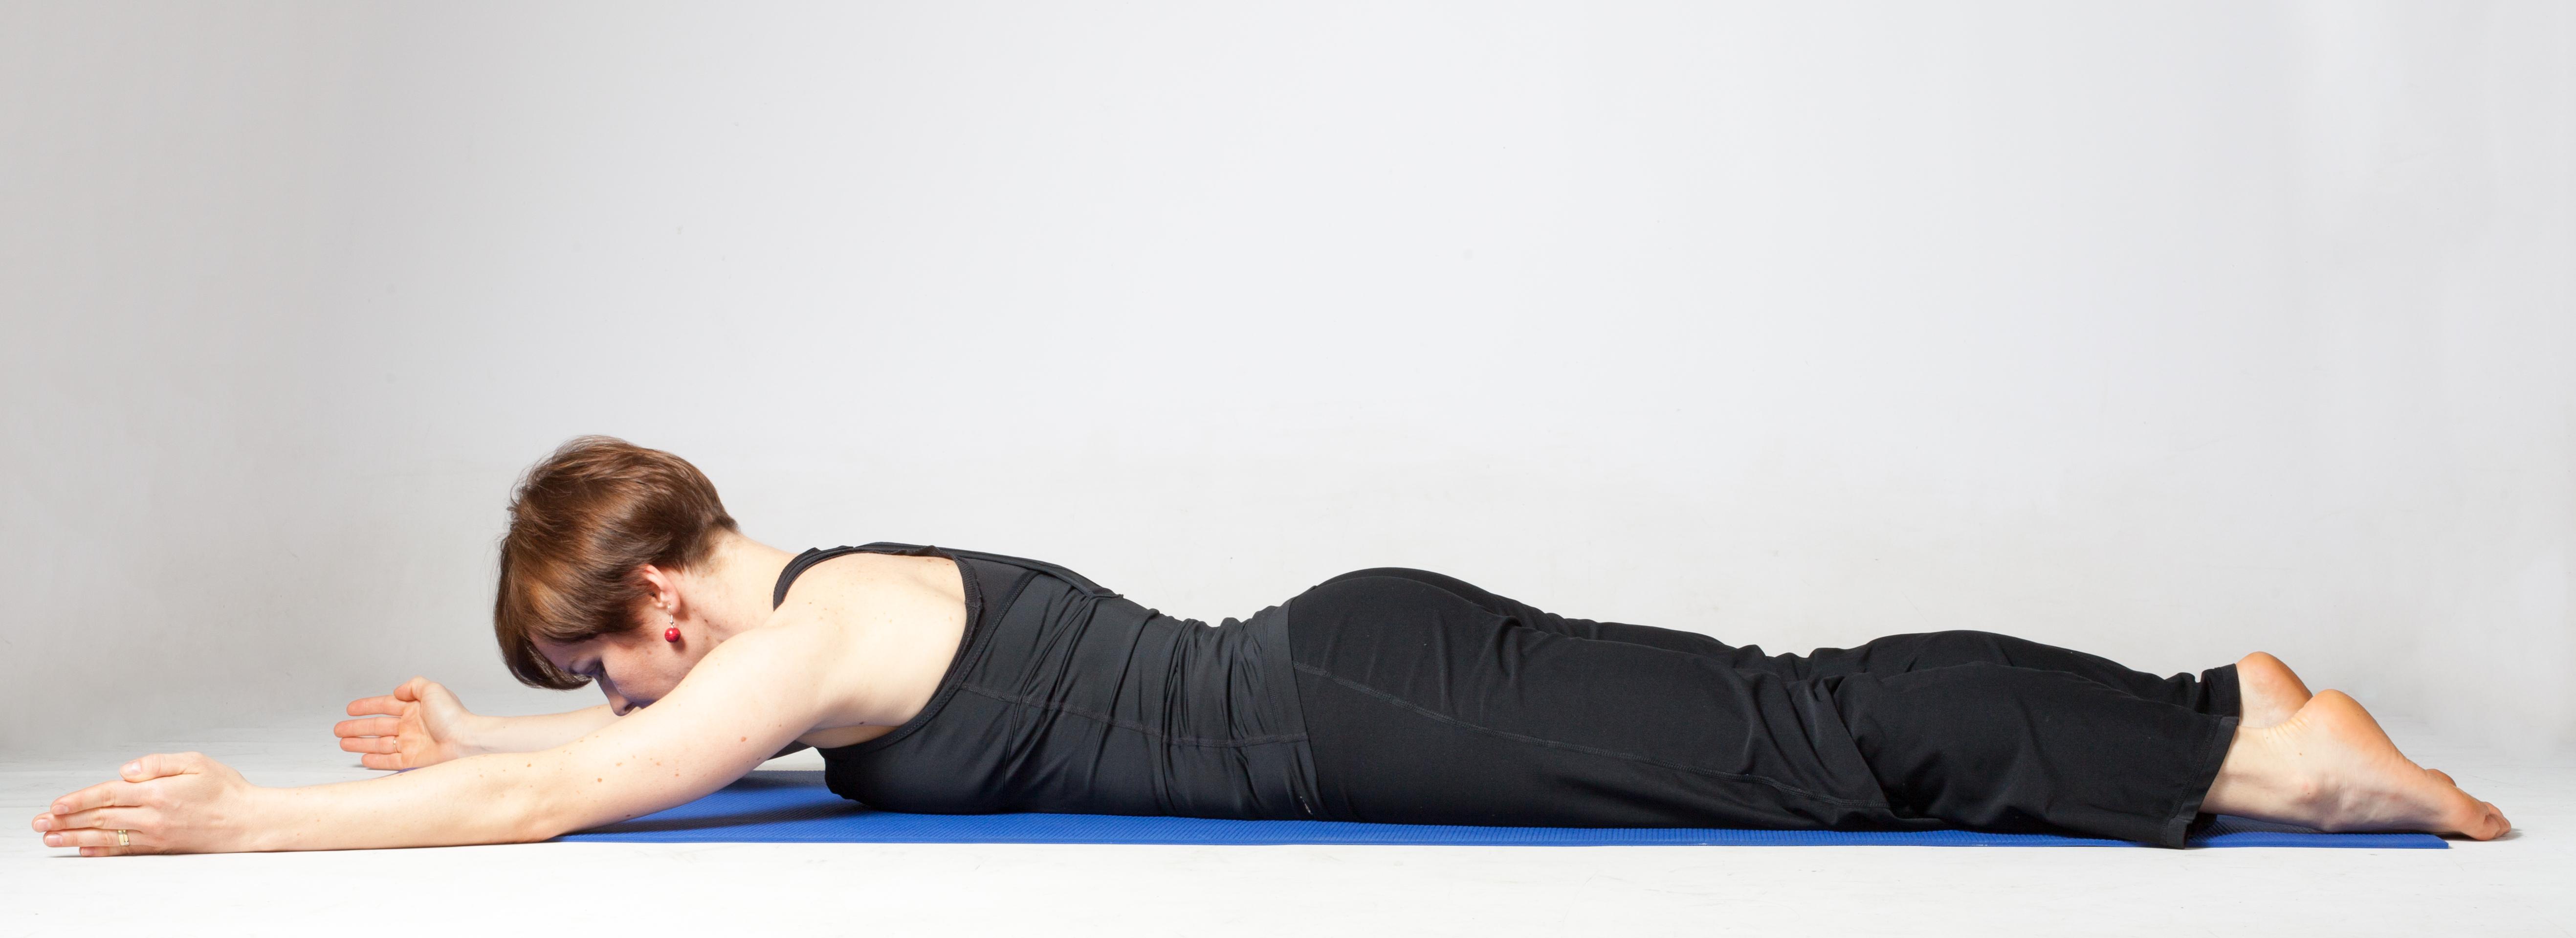 Výsledek obrázku pro Dva jednoduché cviky pro správné držení těla, které zvládnete i v kanceláři